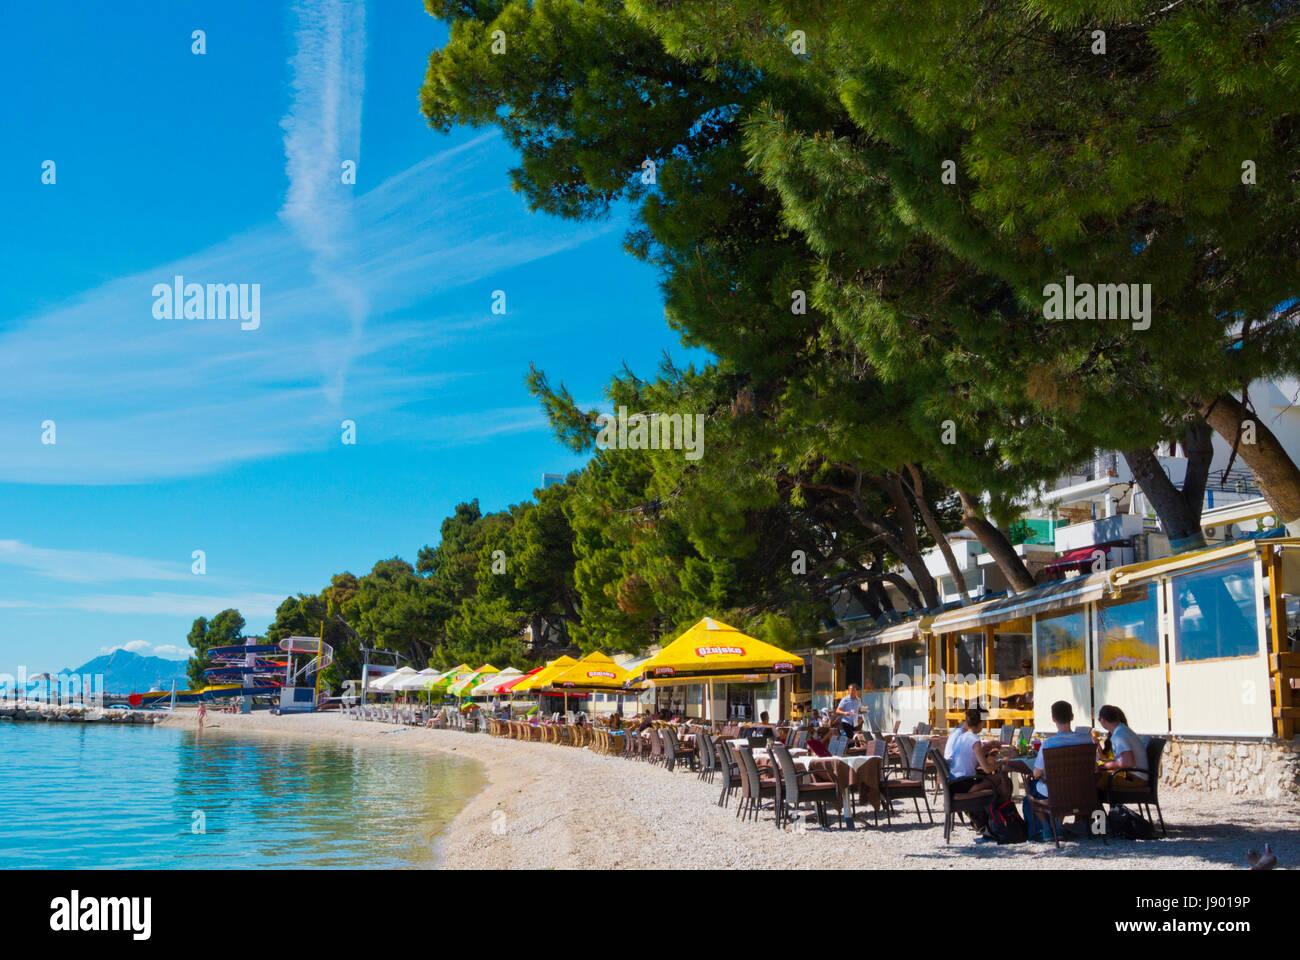 Bar restaurant terrasses, main beach, Makarska, Dalmatie, Croatie Photo Stock